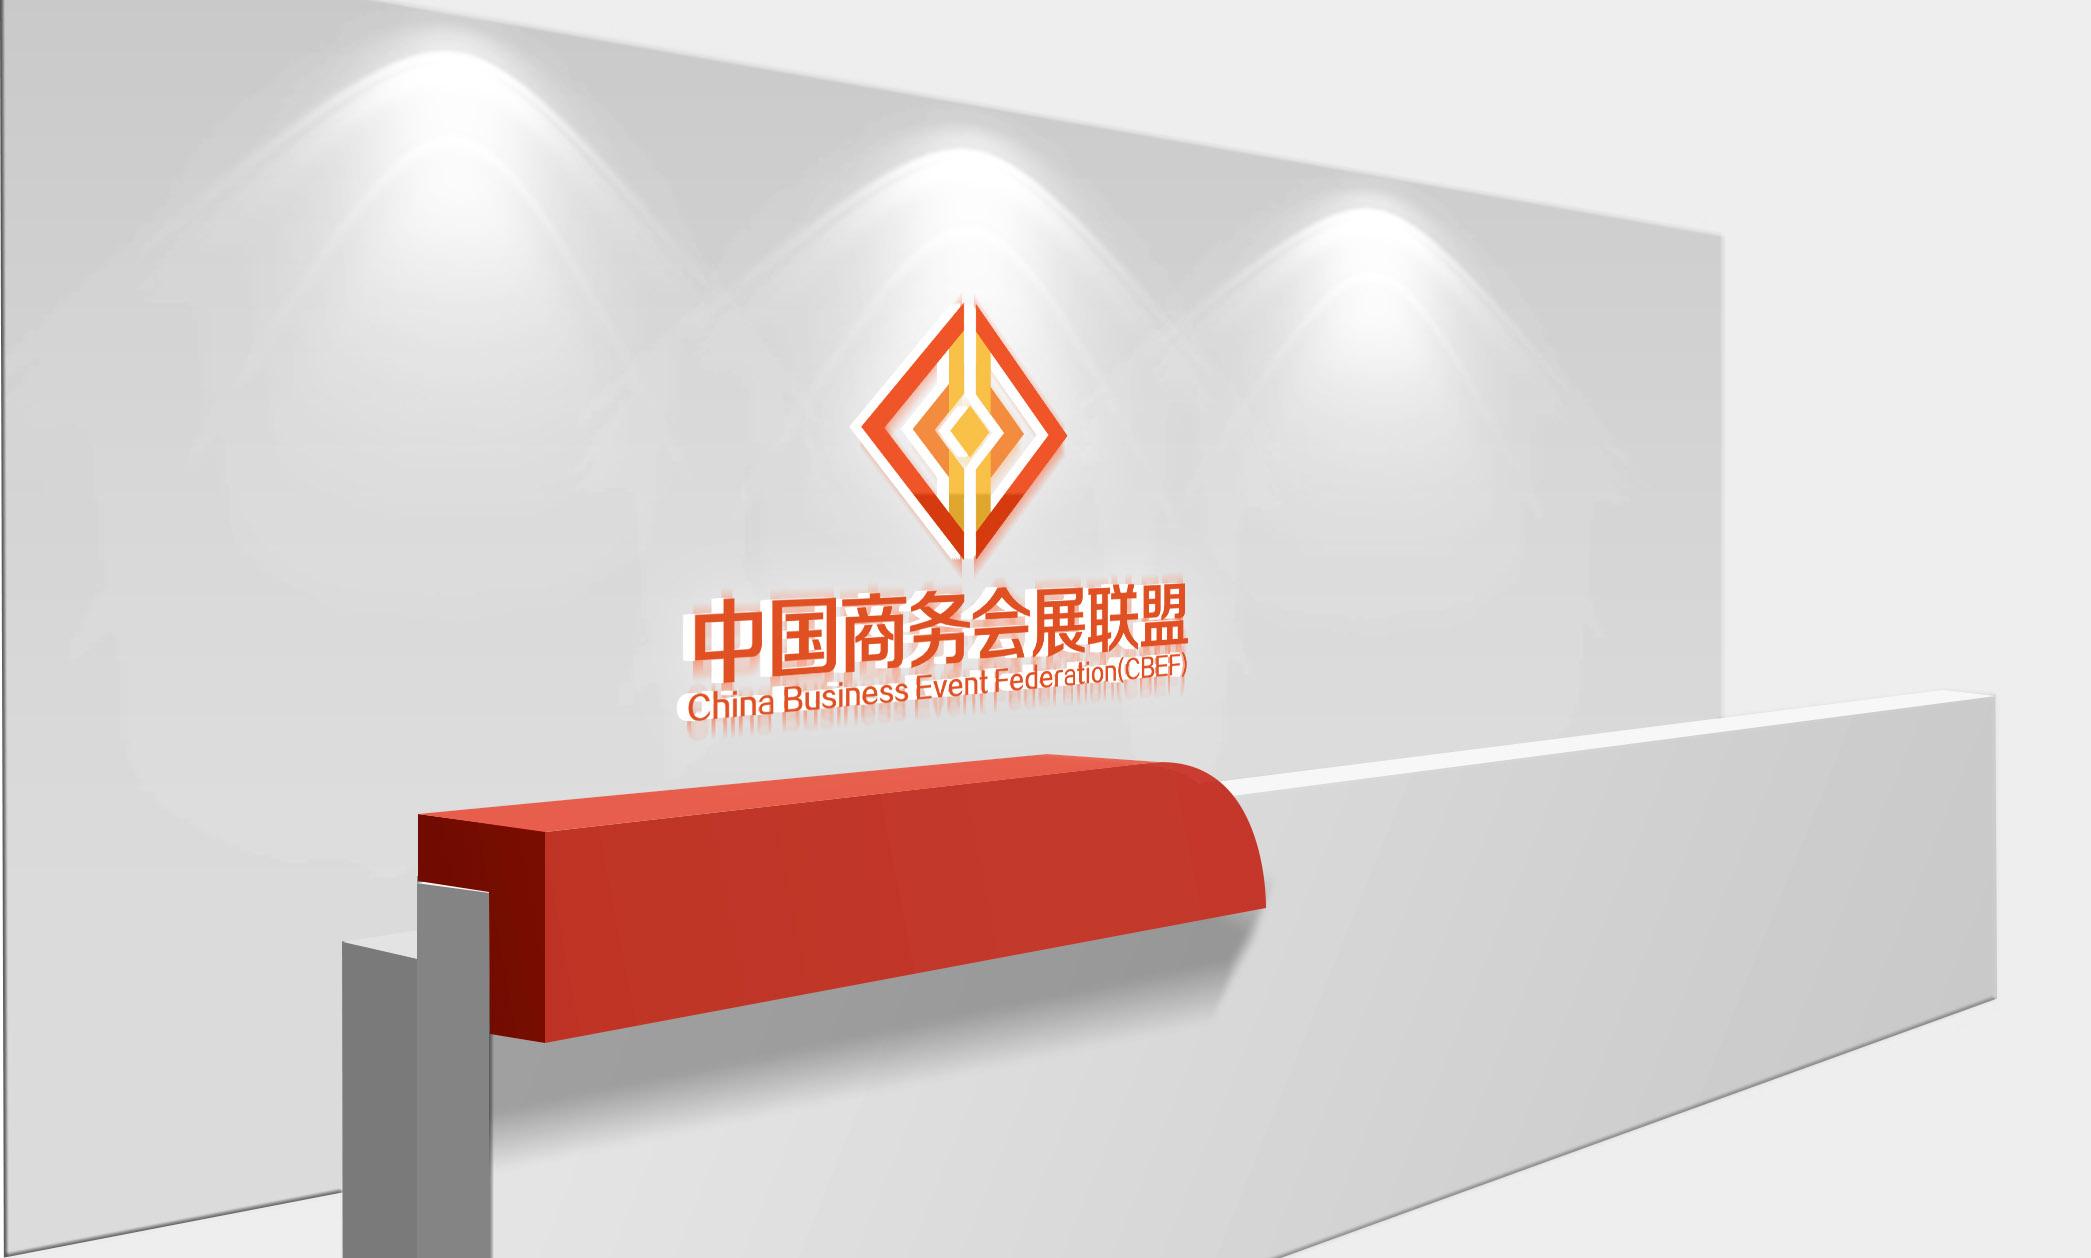 设计中国商务会展联盟logo_2957743_k68威客网